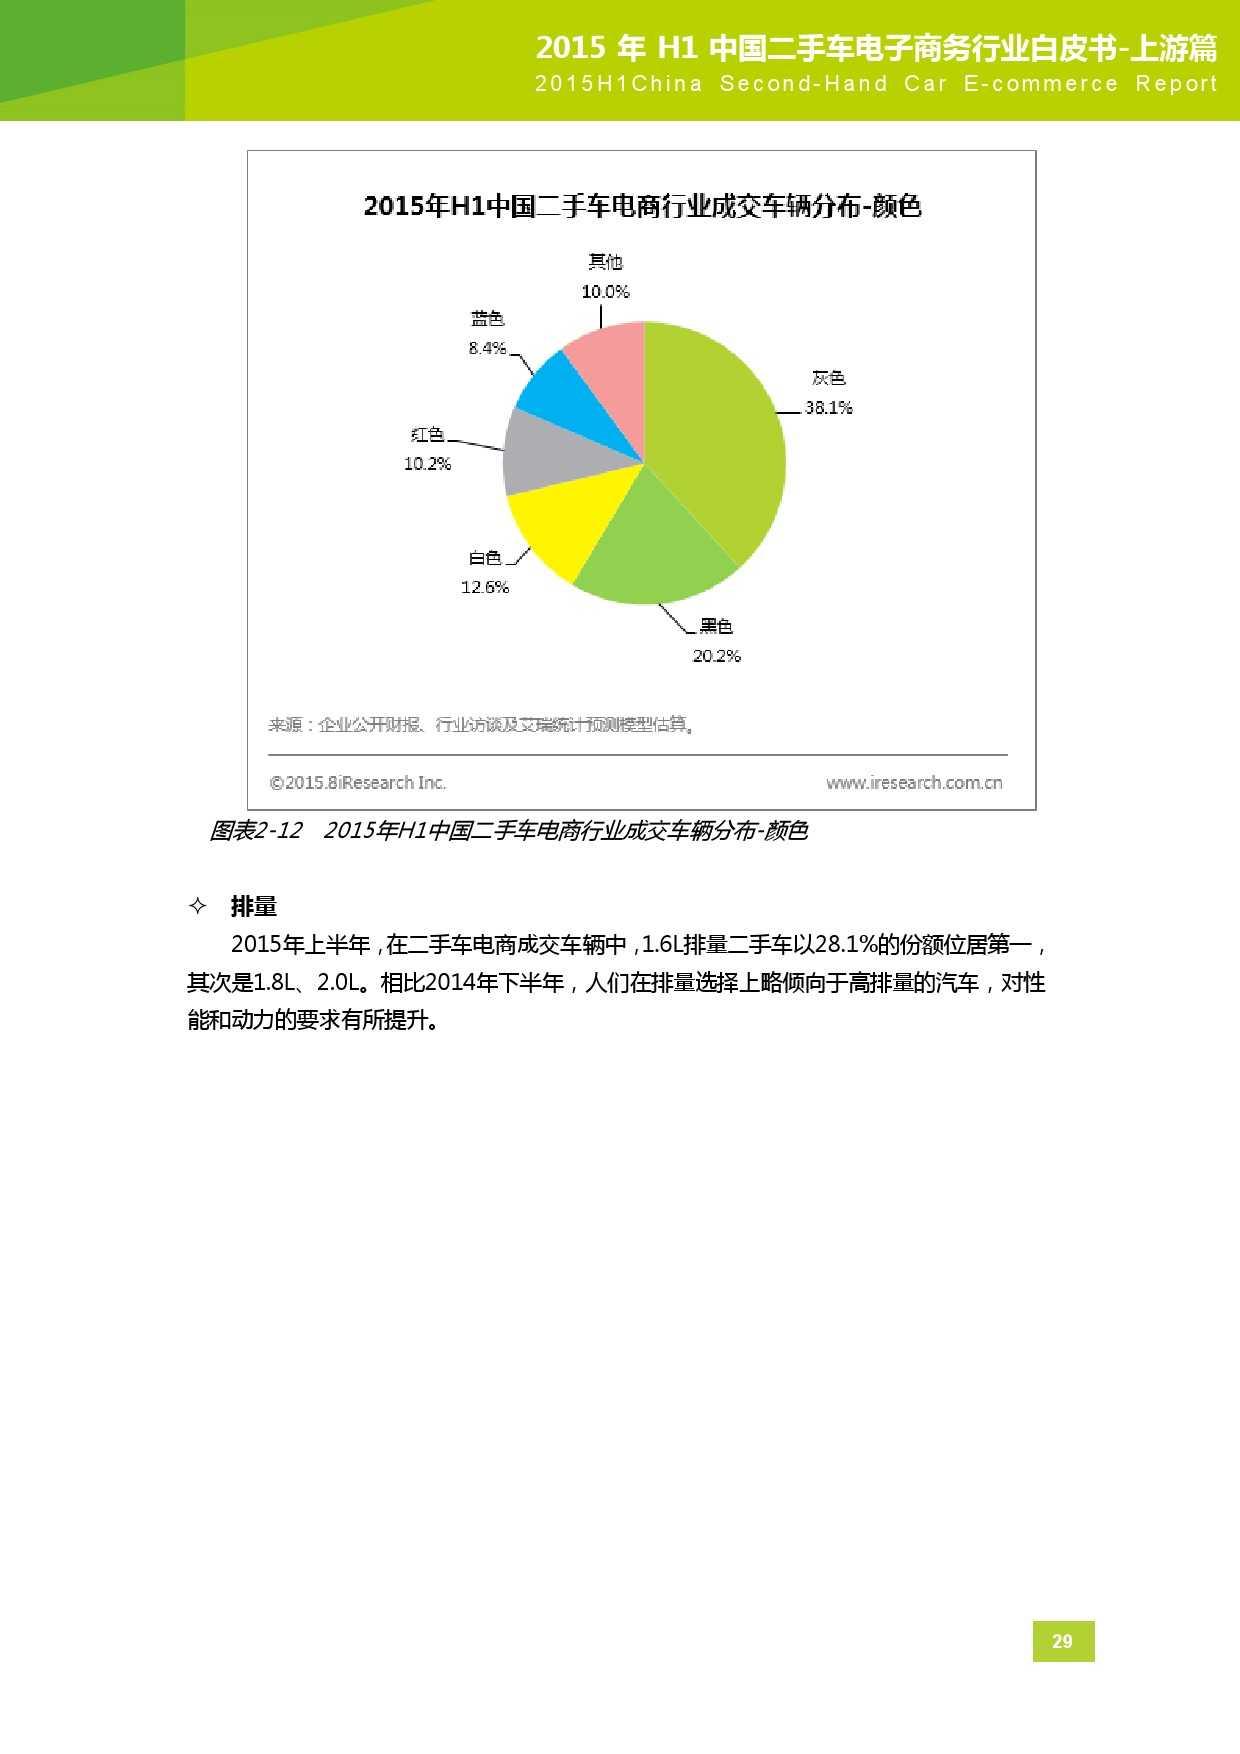 2015年中国二手车电子商务行业白皮书-上游篇_000030